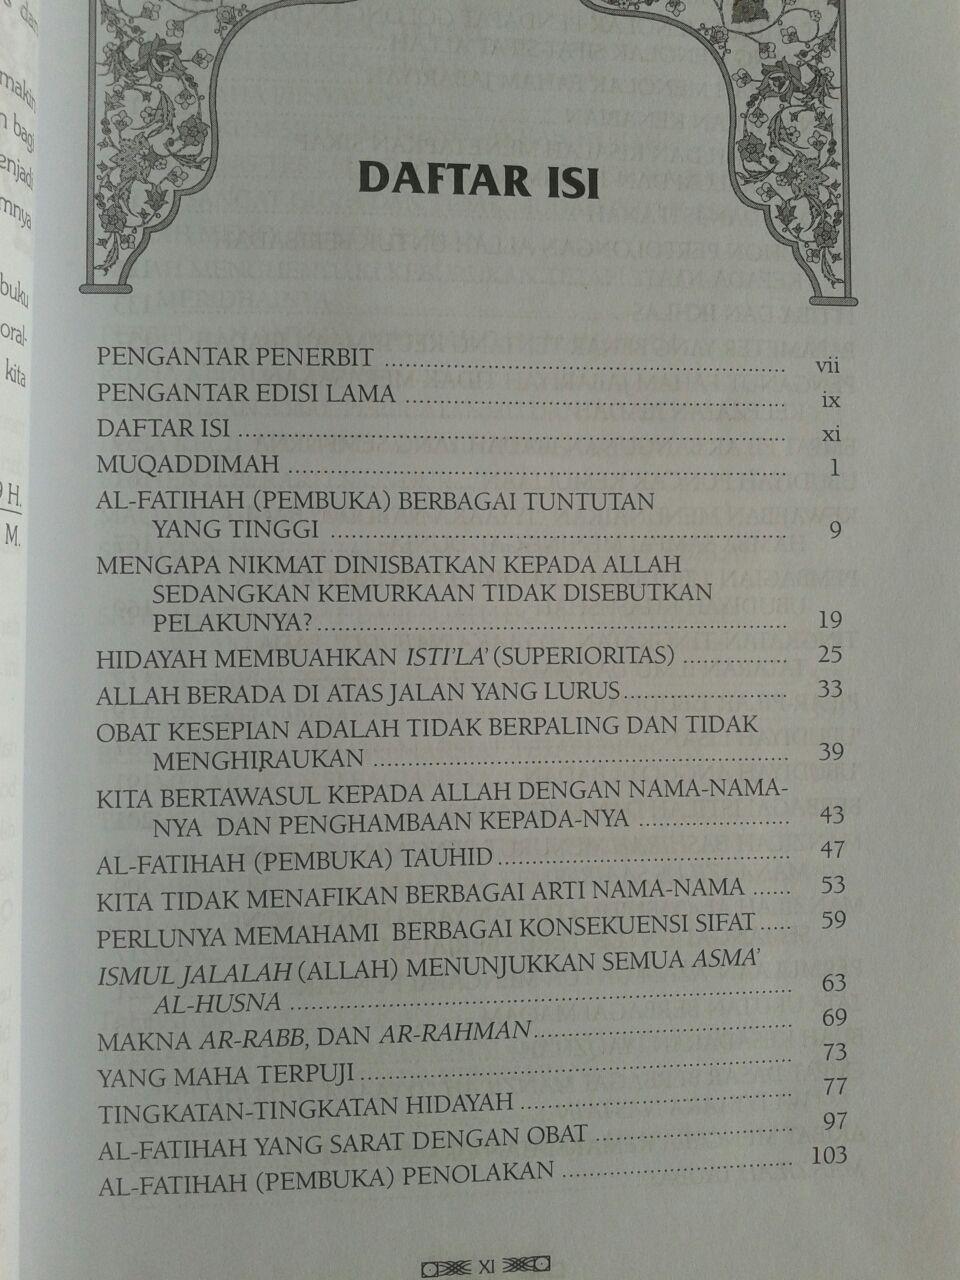 Buku Intisari Madarijus Salikin Jenjang Spiritual Jalan Ruhani isi 5